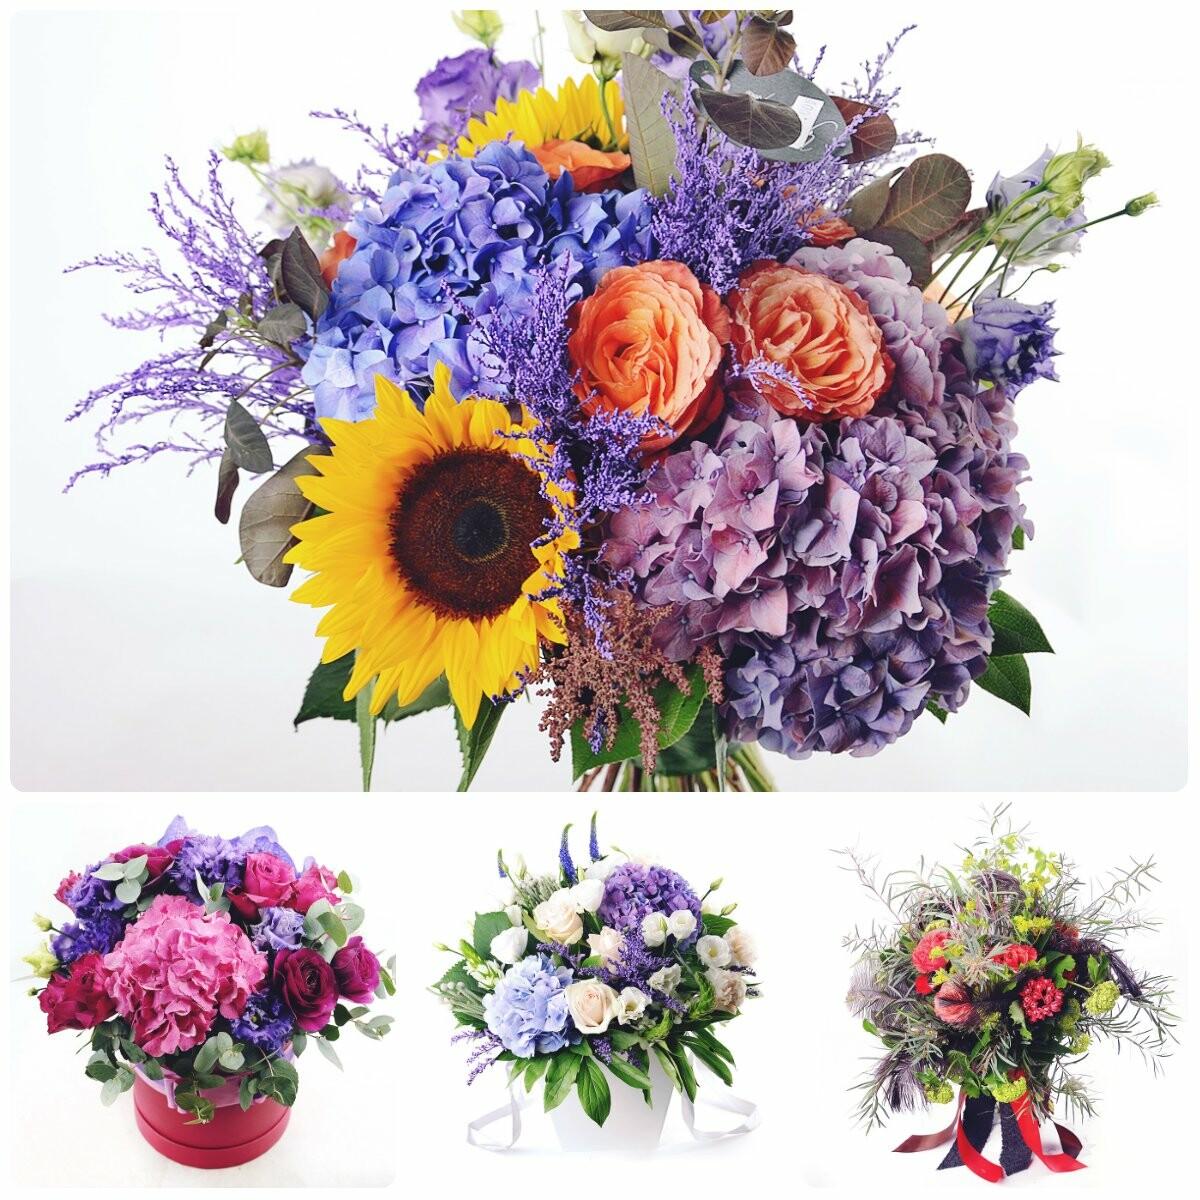 Доставка цветов в Киеве - где заказать?, фото-17